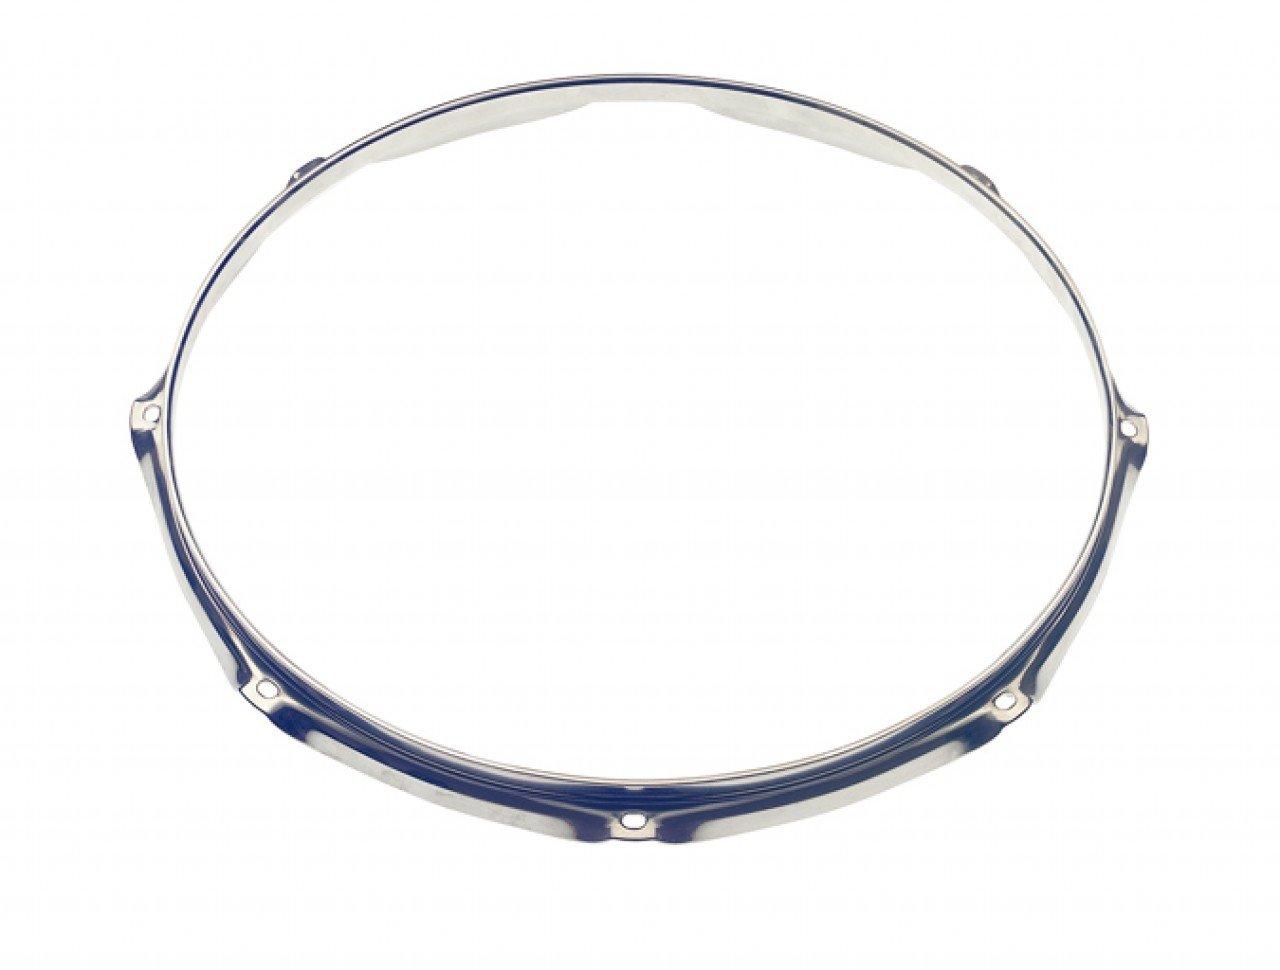 Stagg KT315-8 Dyna Hoop for Floor Tom or Snare Drum Batter Side - 15''